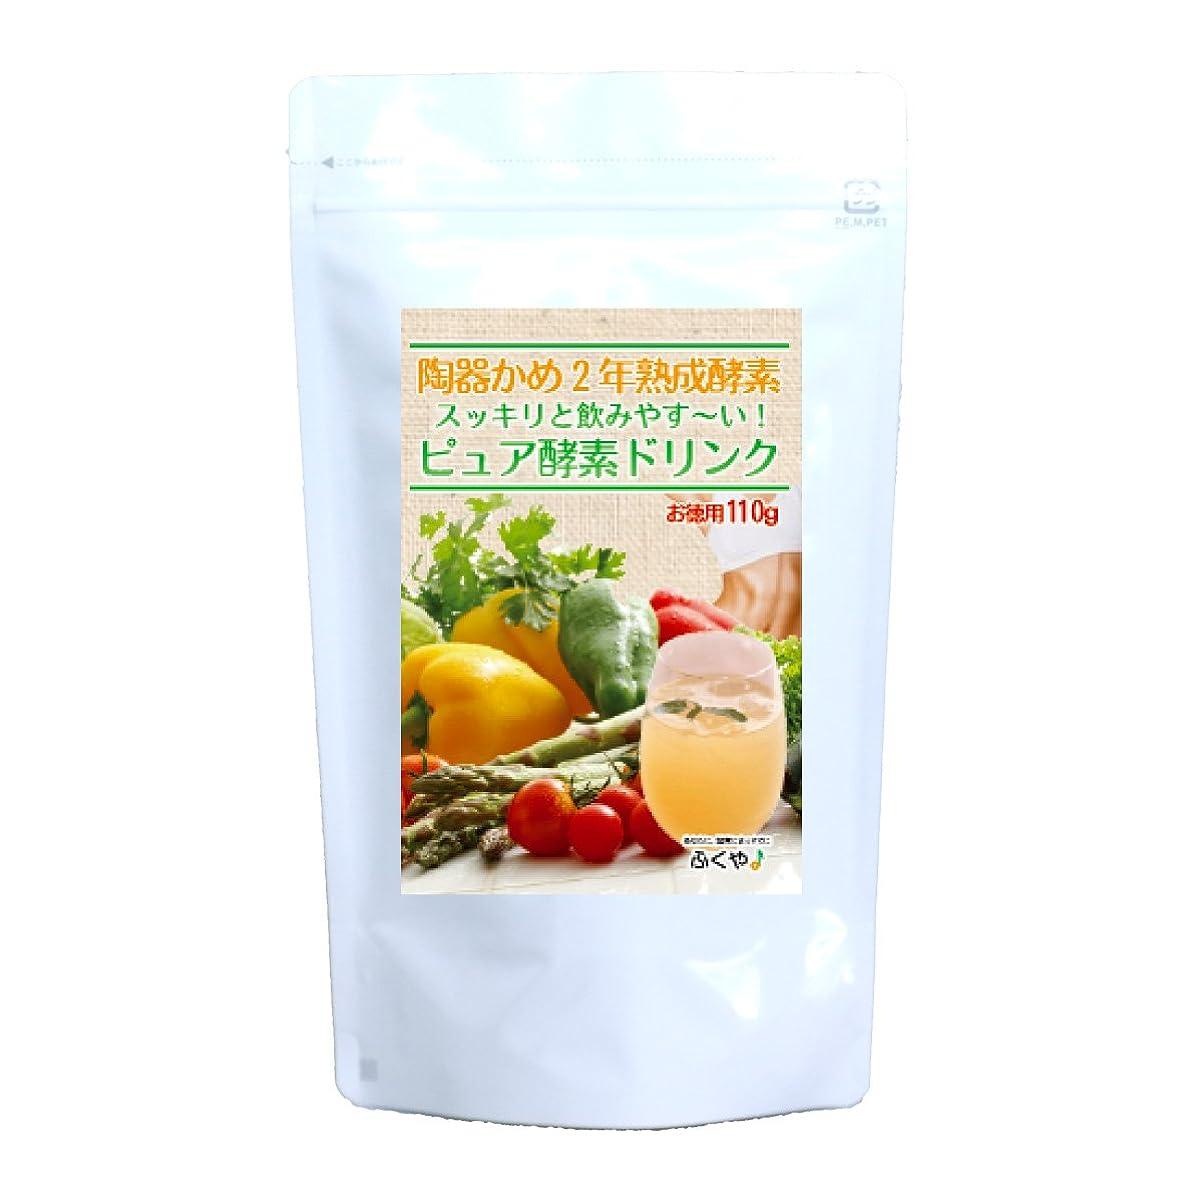 タワー建設個人的なピュア 酵素ダイエット ドリンク 110g 粉末 サプリメント健康茶専門店 ふくや